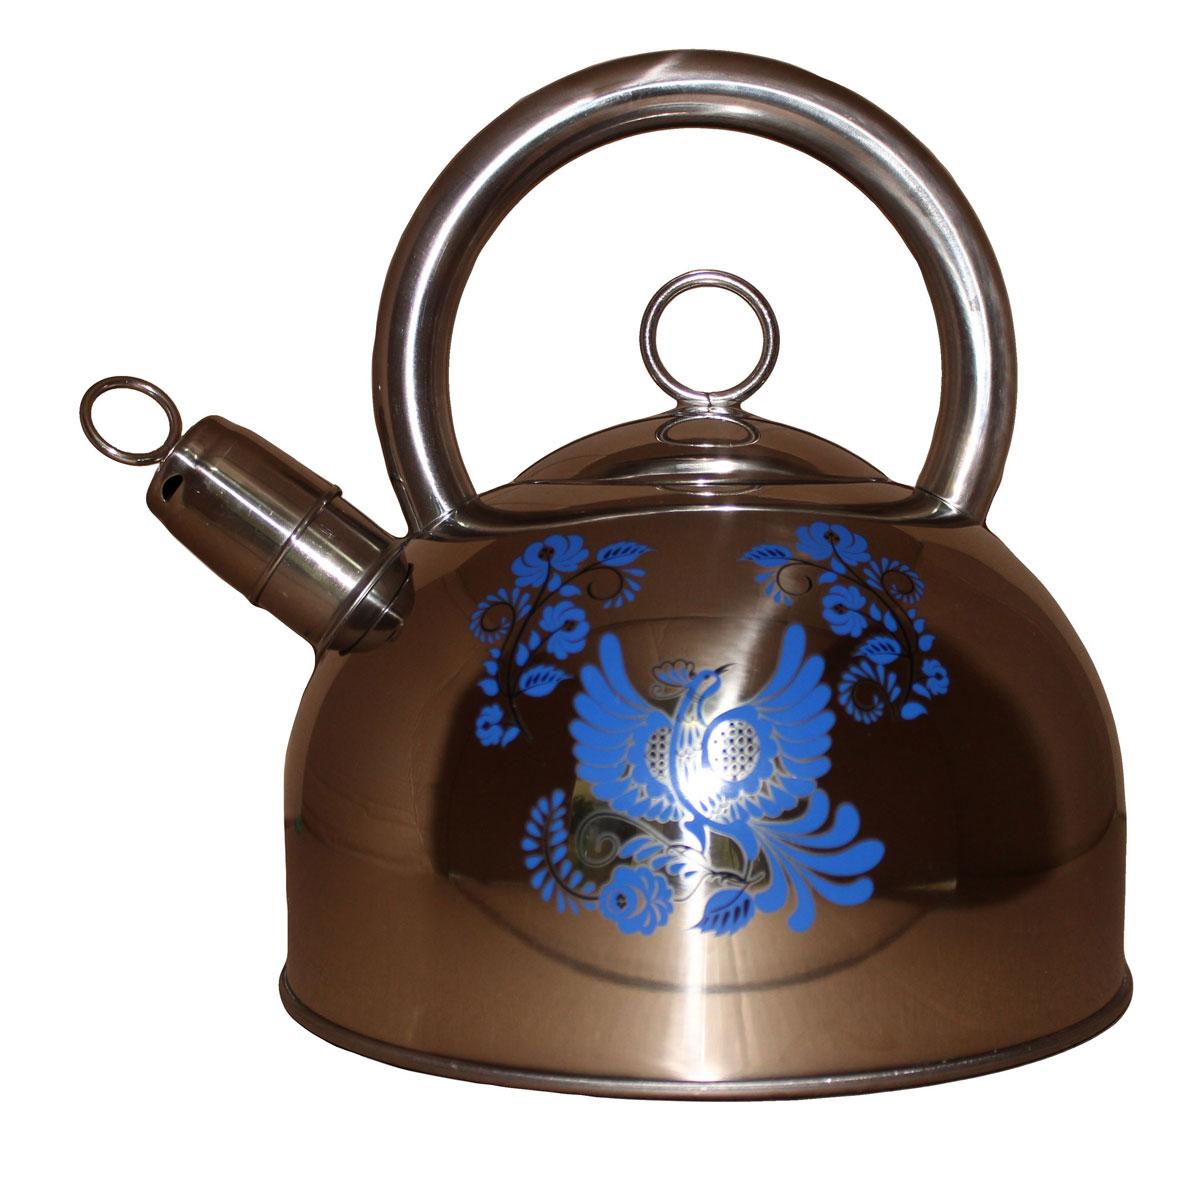 Чайник Vetta Гжель, 2,5 л847051Чайник Vetta Гжель изготовлен из нержавеющей стали. Имеет свисток, который сообщит о закипании воды. Отлично подходит для индукционных варочных поверхностей.